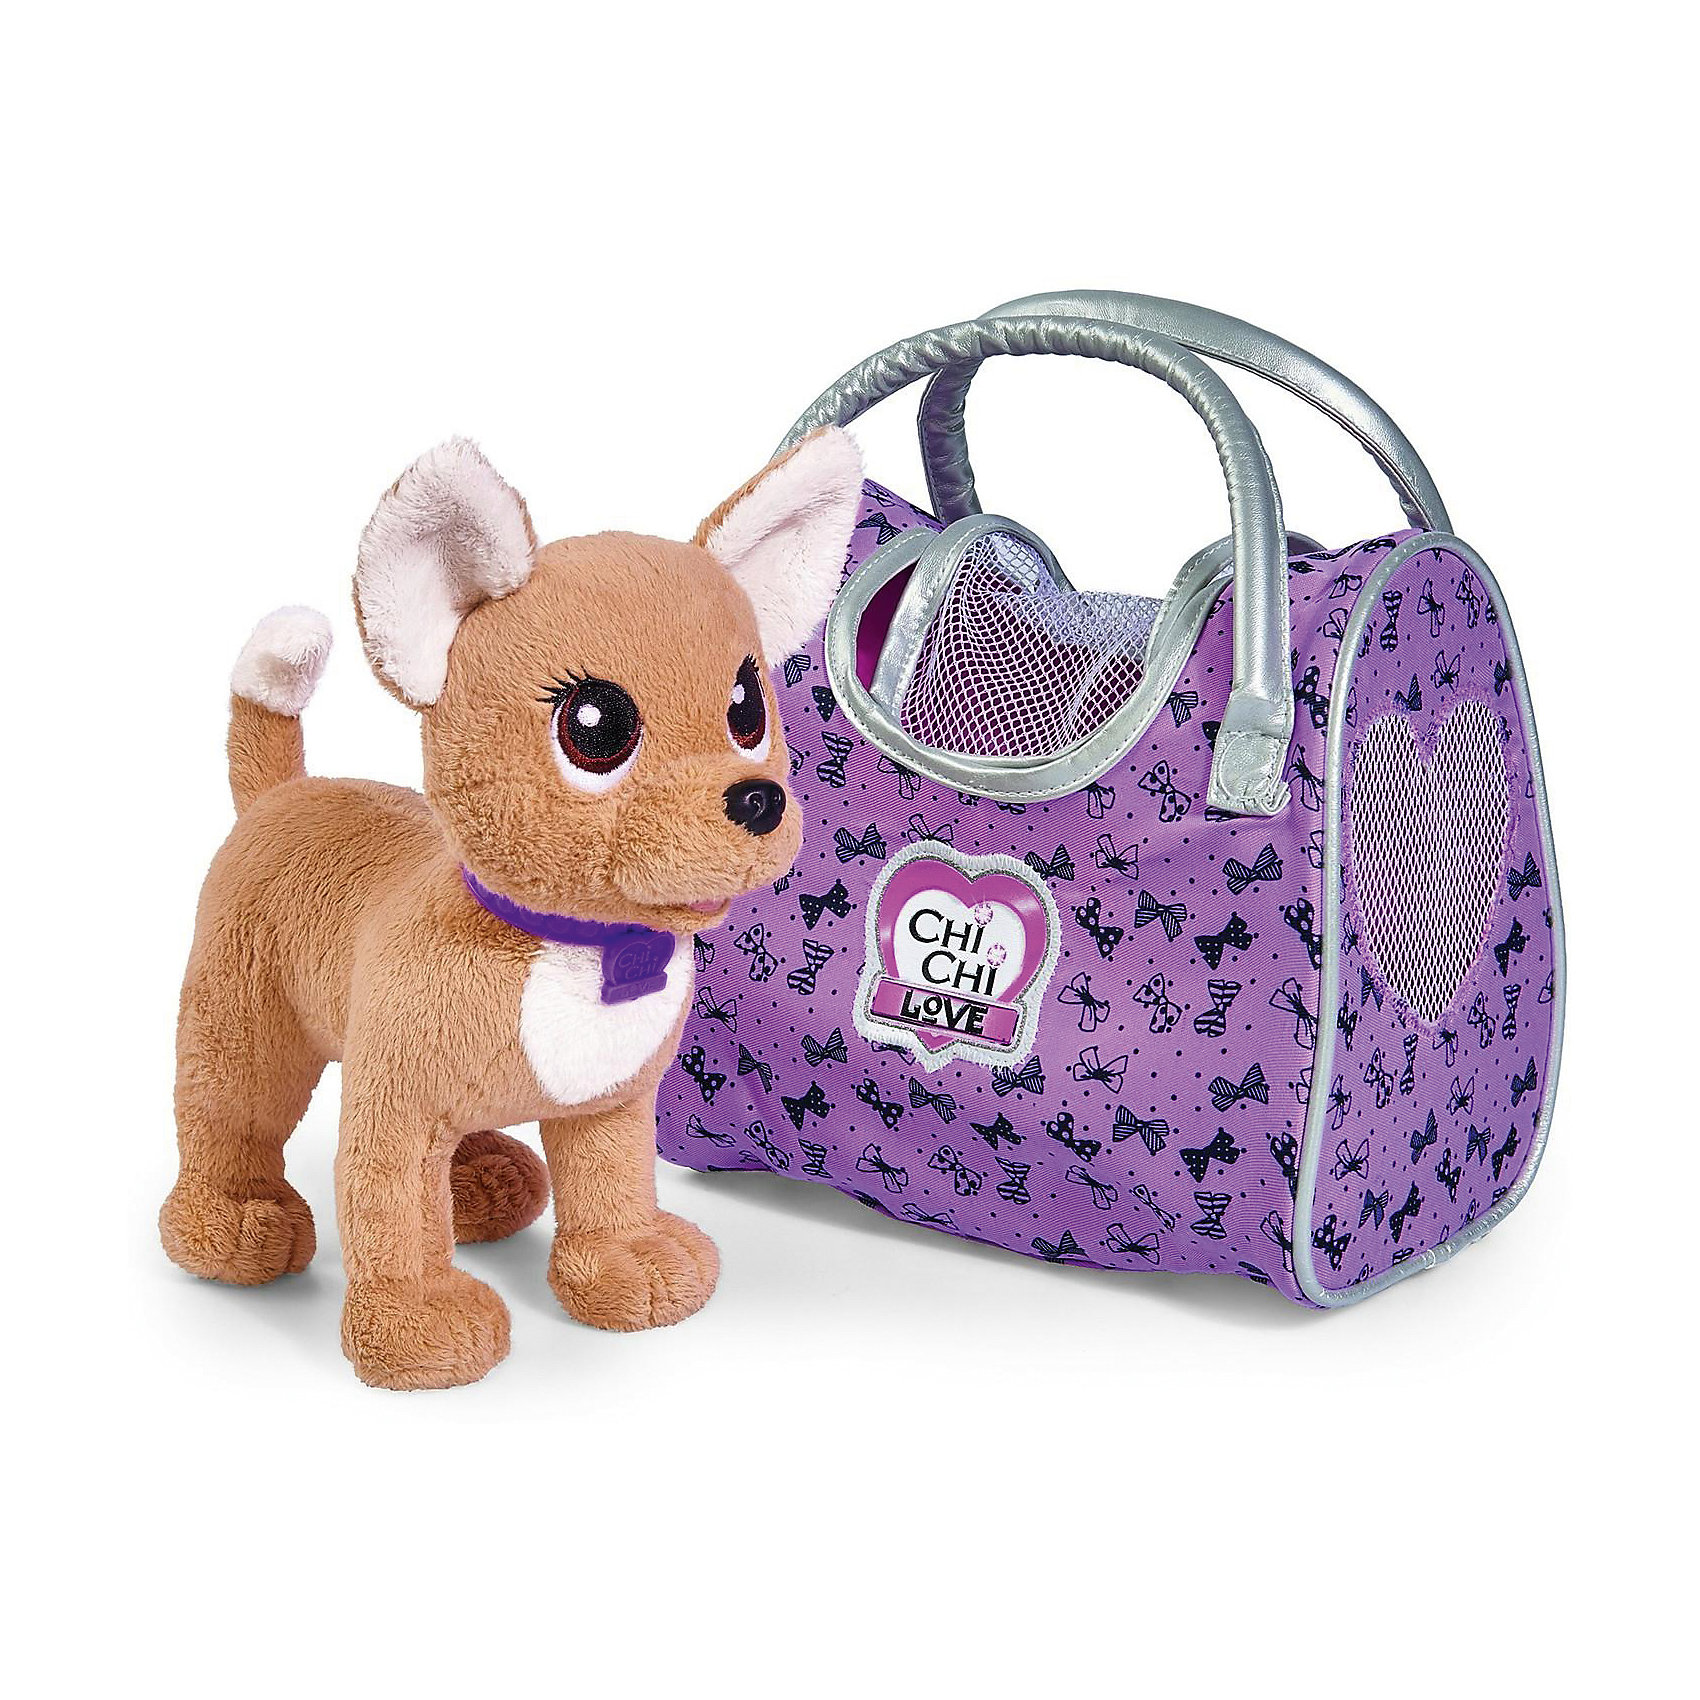 Мягкая игрушка Simba Chi Chi Love Собачка-путешественница с сумкой-переноской, 20 смМягкие игрушки-собаки<br>Комплект: плюшевая собачка с пластиковым ошейником, сумочка-переноска для собачки.Путешествовать - это так увлекательно, а с лучшим другом - это увлекательно вдвойне! С ним можно разделись радость открытий, узнать много нового, а затем весело вспоминать все прожитые приключения.    <br>Плюшевой собачке ChiChiLove не терпится скорей отправиться в путь! Она идеально подходит для долгих прогулок. Путешествовать собачка любит в своей красивой сумочке с принтом в виде тысячи бантиков. Сумку можно использовать и как отдельный аксессуар.<br>Чтобы не потеряться на собачке яркий ошейник с кулончиком в виде сердечка, где указано ее имя - ChiChiLove. Мягкая и пушистая ЧиЧиЛав станет любимицей своей хозяйки и с радостью разделит с ней все путешествия!<br>В комплект входит плюшевая собачка (20см.) с пластиковым ошейником, сумочка-переноска для собачки.<br><br>Ширина мм: 9999<br>Глубина мм: 9999<br>Высота мм: 9999<br>Вес г: 9999<br>Возраст от месяцев: 60<br>Возраст до месяцев: 108<br>Пол: Женский<br>Возраст: Детский<br>SKU: 7177201